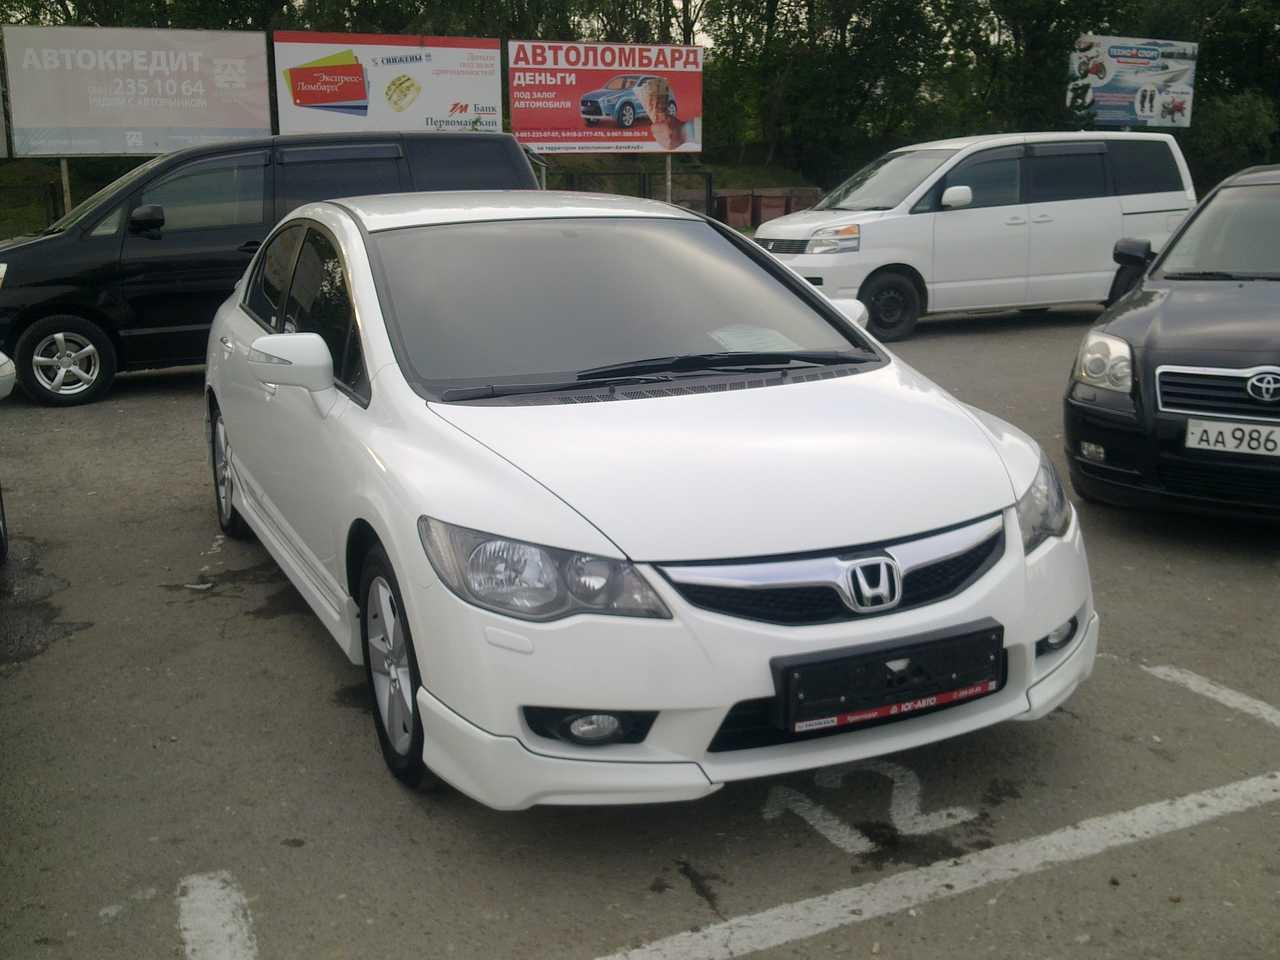 2009 honda civic photos 1 8 gasoline ff automatic for sale for Honda limp mode